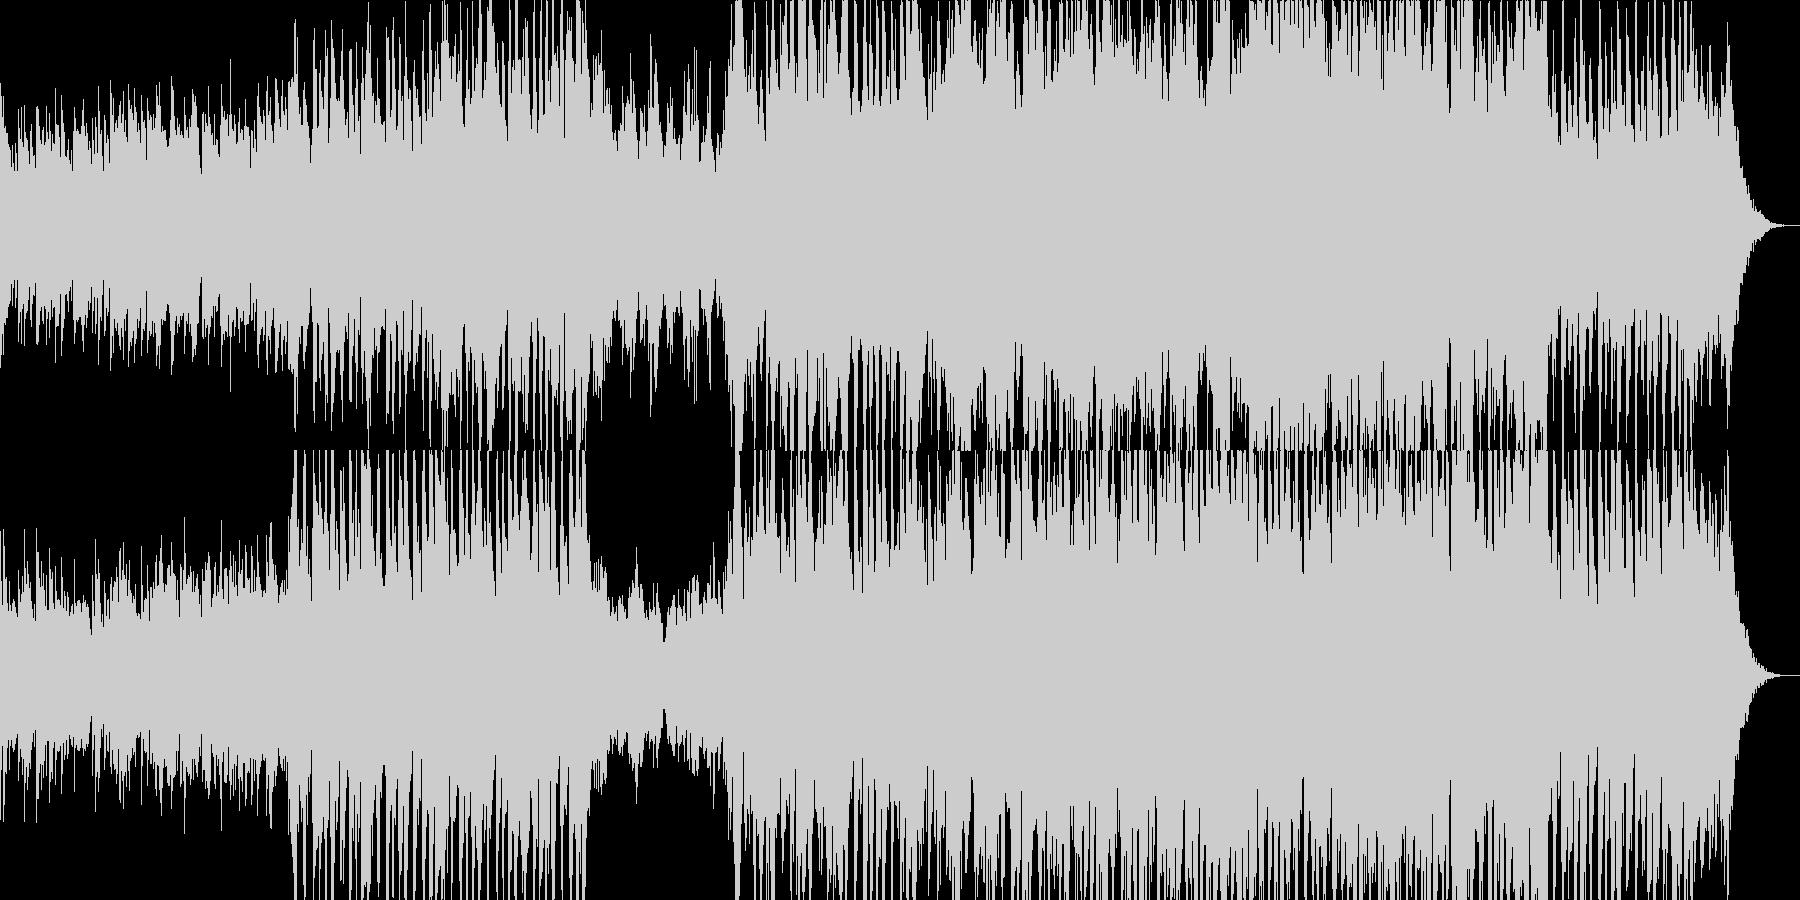 ピアノが印象的なシネマティックサウンドの未再生の波形